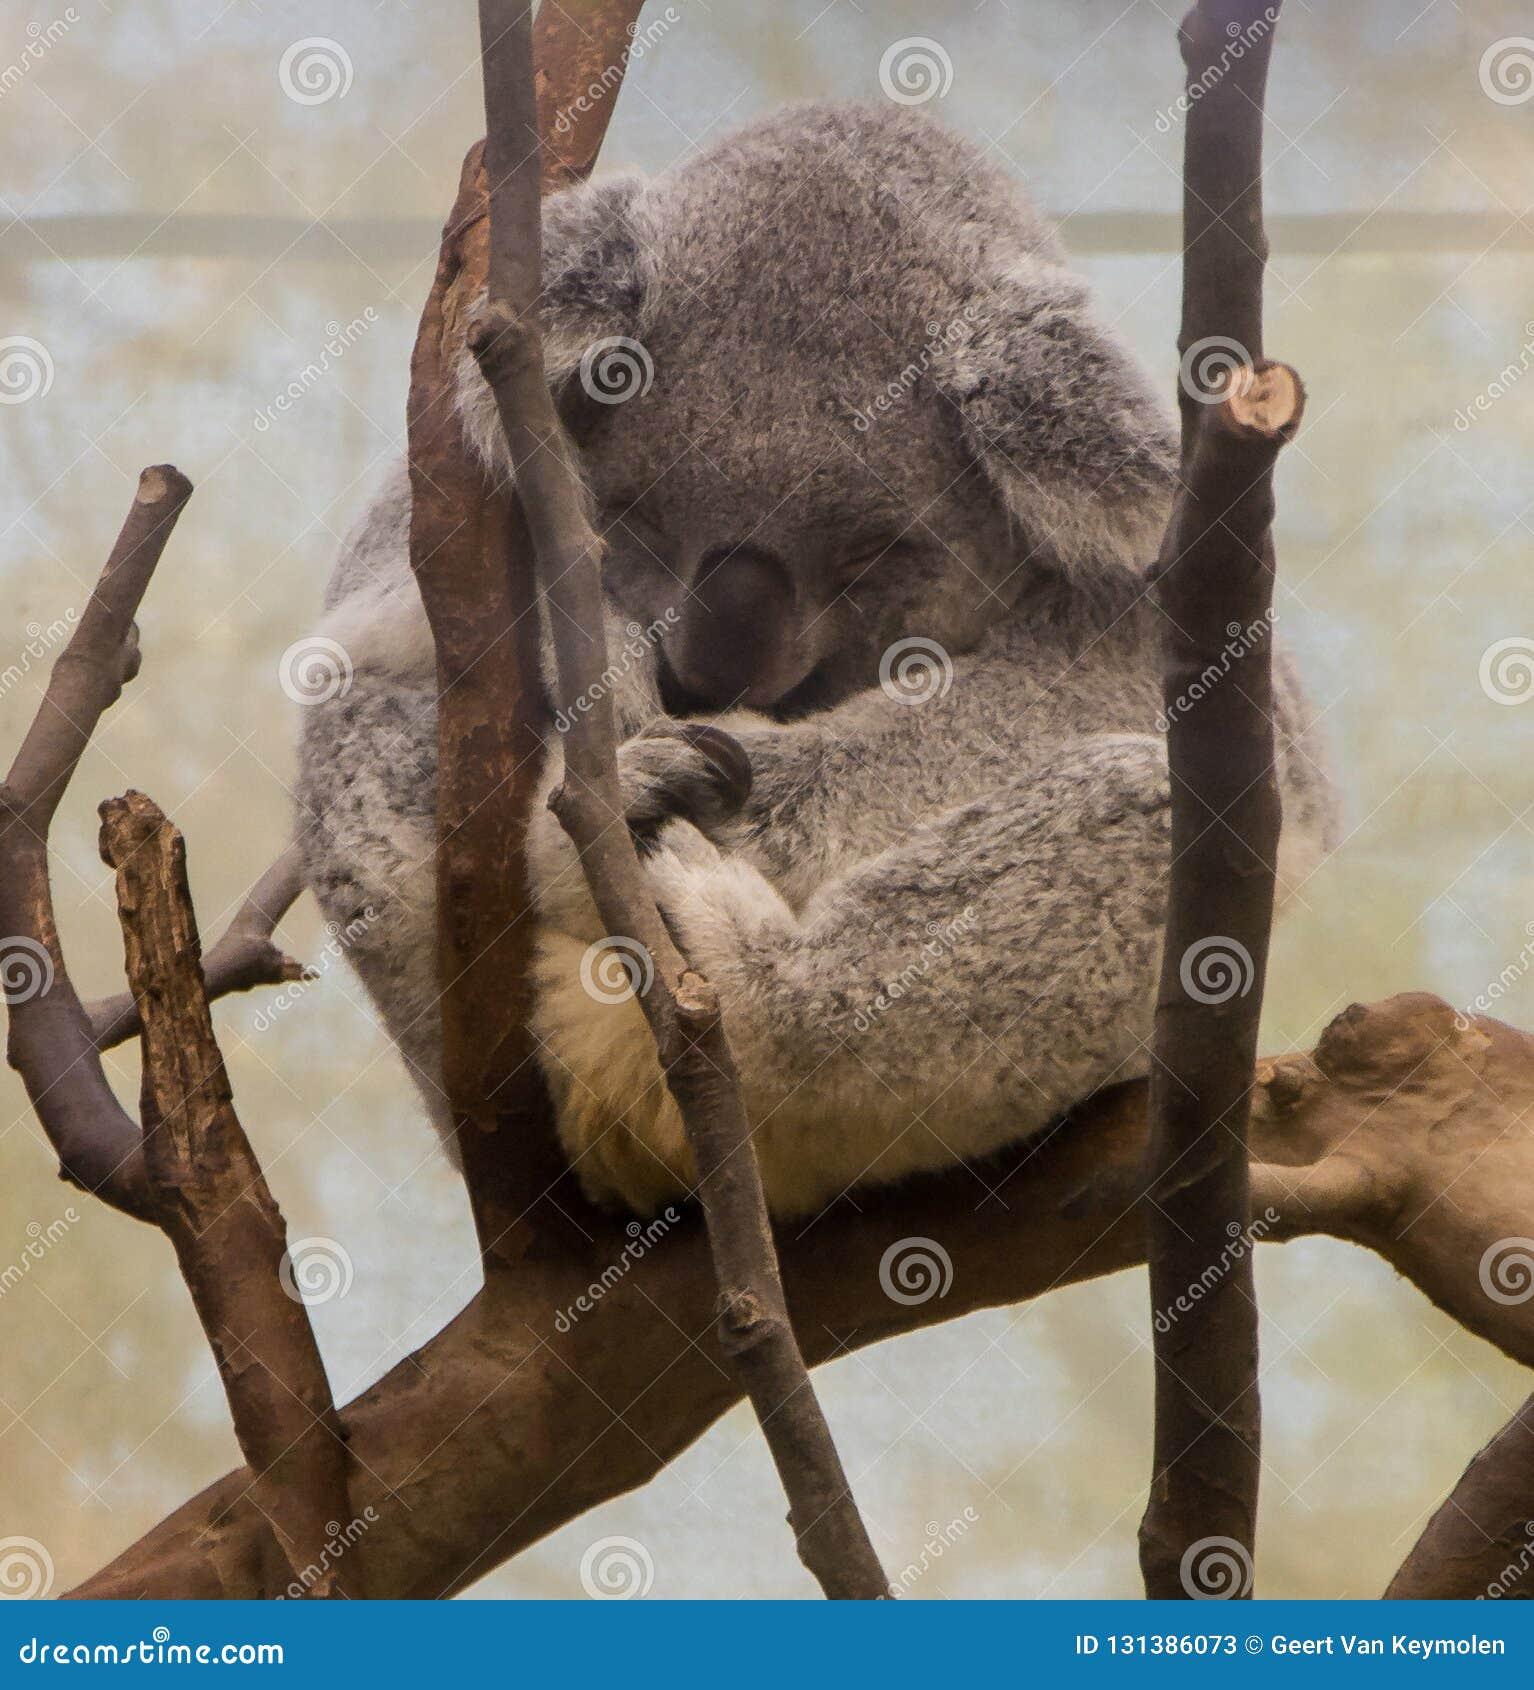 Little koala bear sleeping on a branch